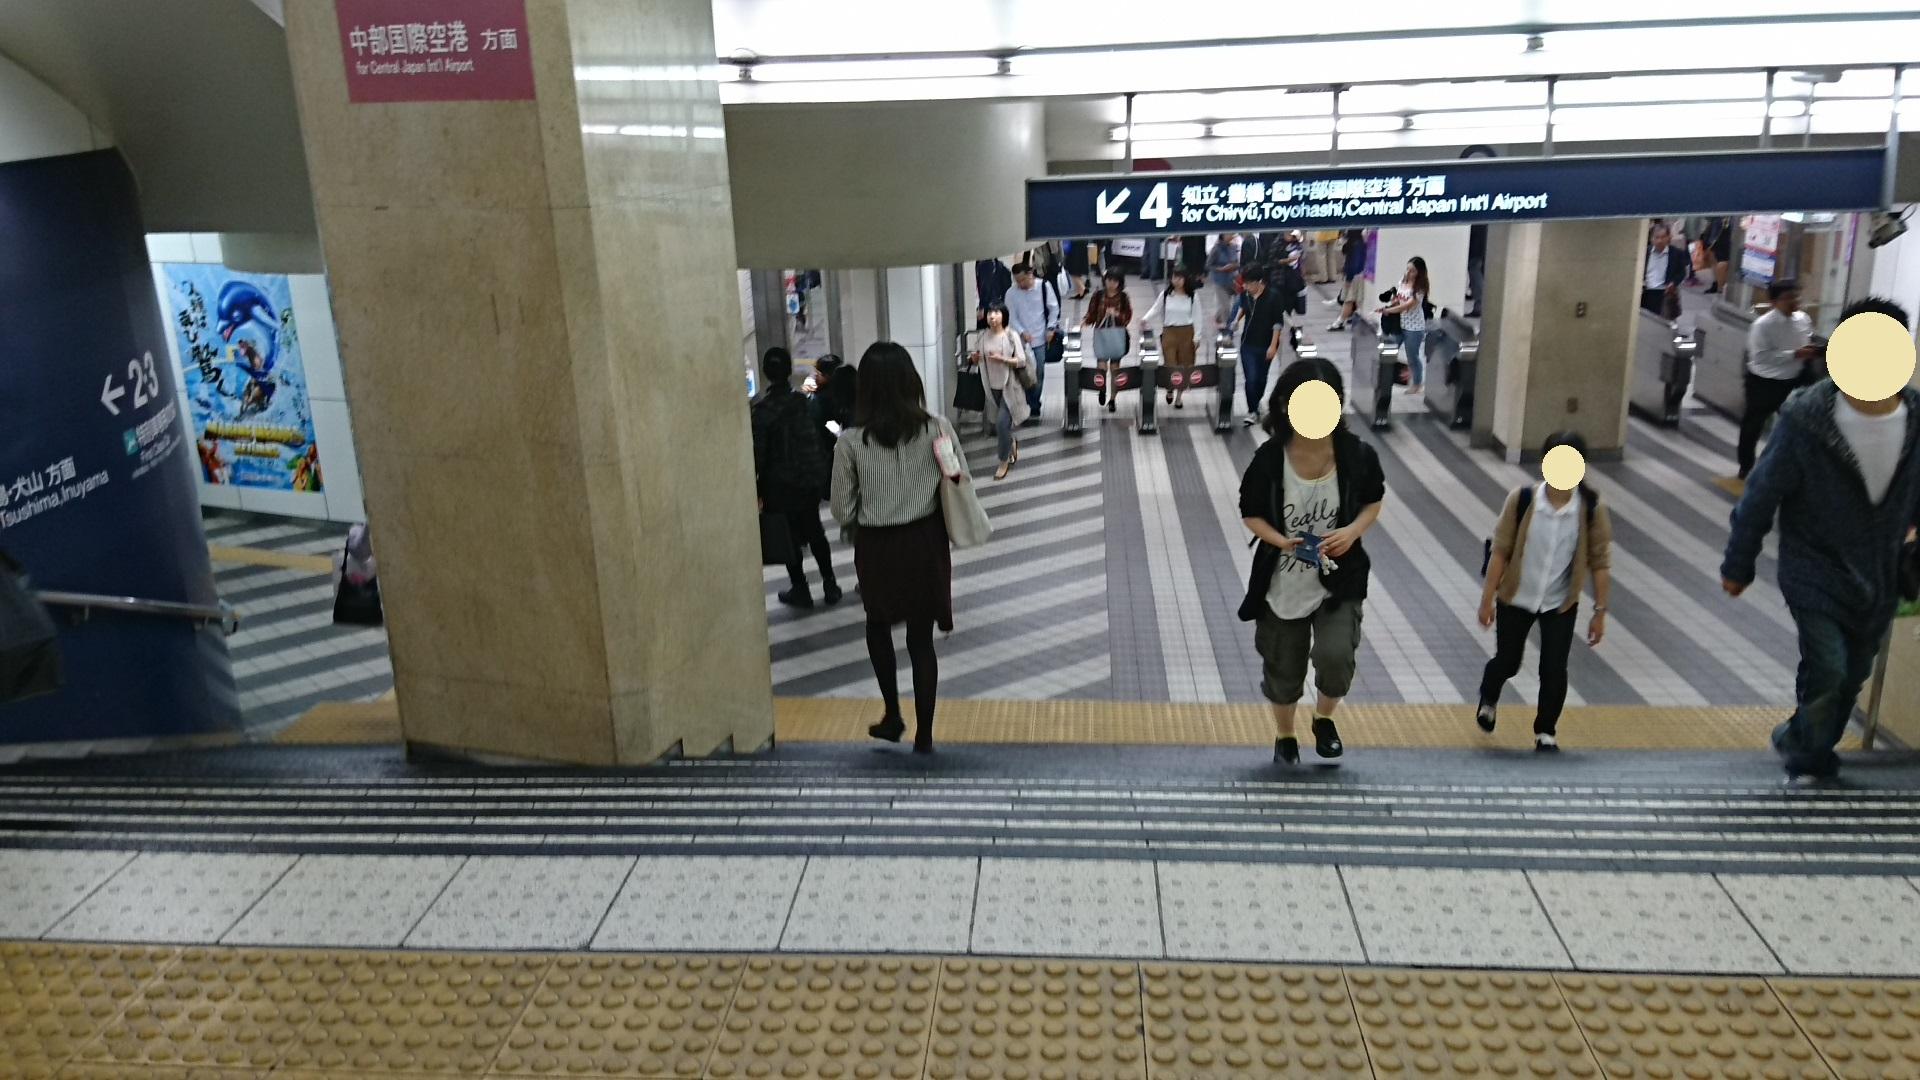 2016.10.19 名鉄名古屋駅のななつのかいさつぐち (1)-1 中央かいさつぐち(いりぐち専用)